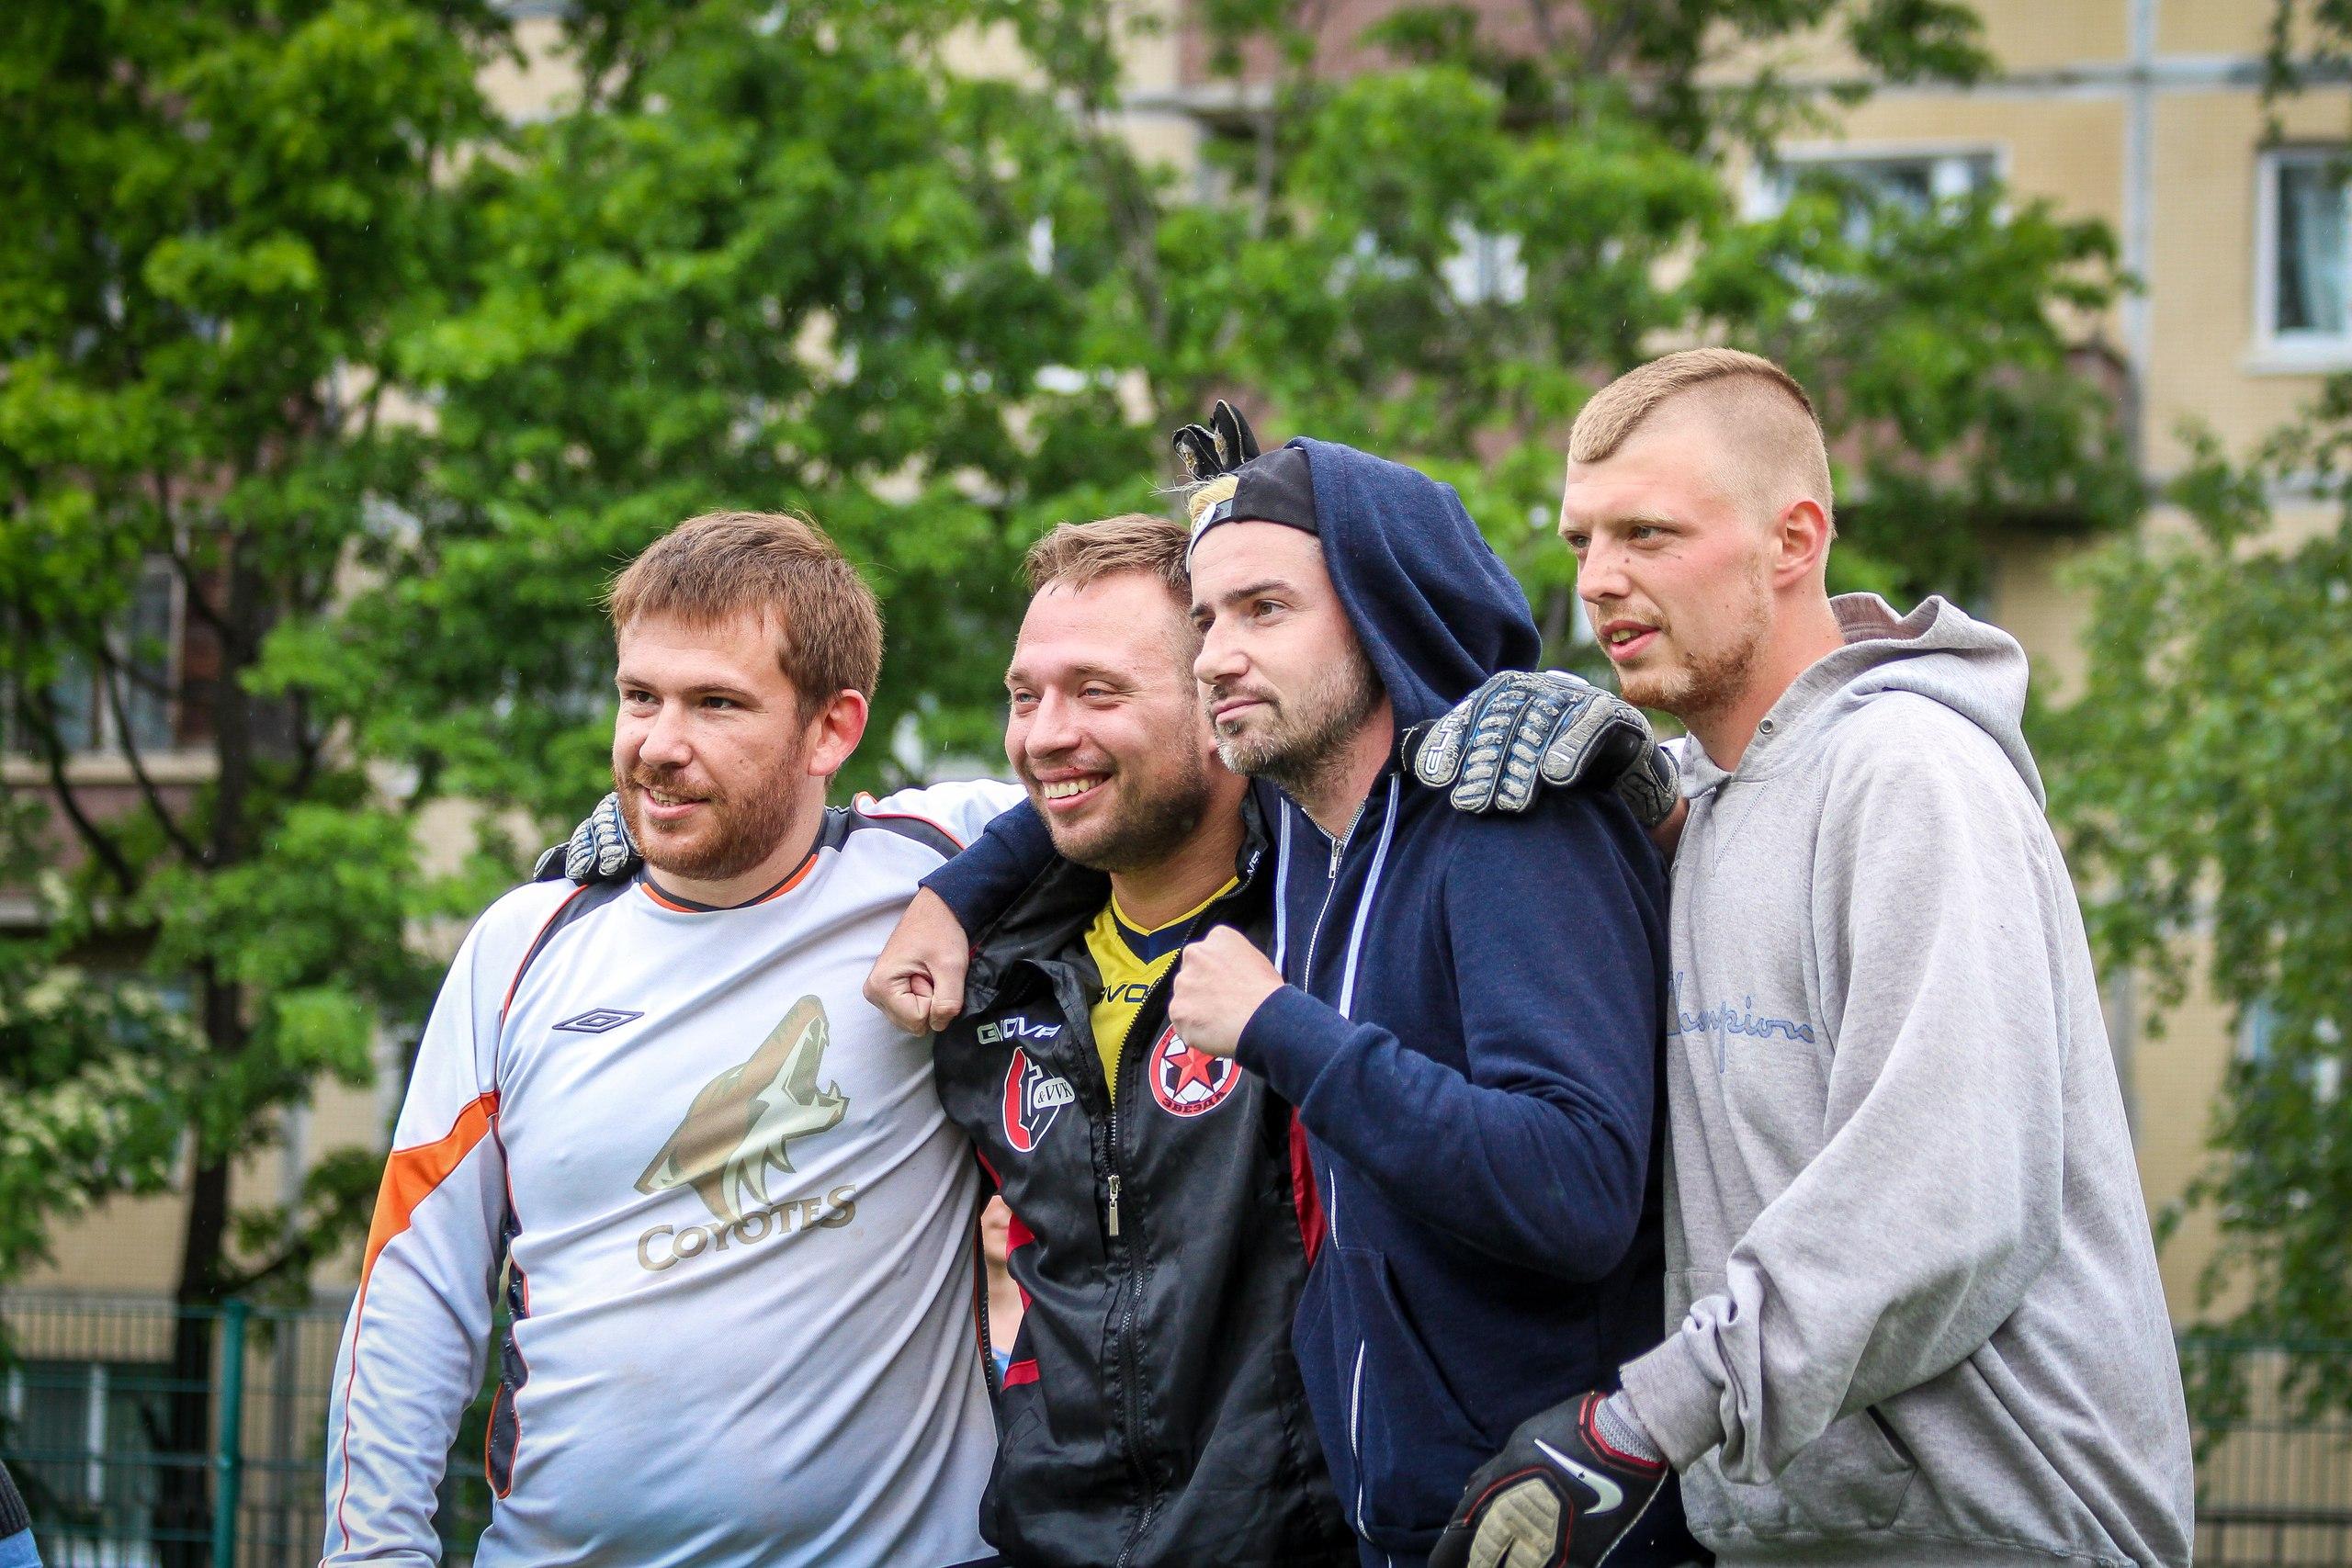 Андрей Ригачный, Андрей Шумов, Павел Алексеев и Александр Артемов на турнире пенальтистов - 2017